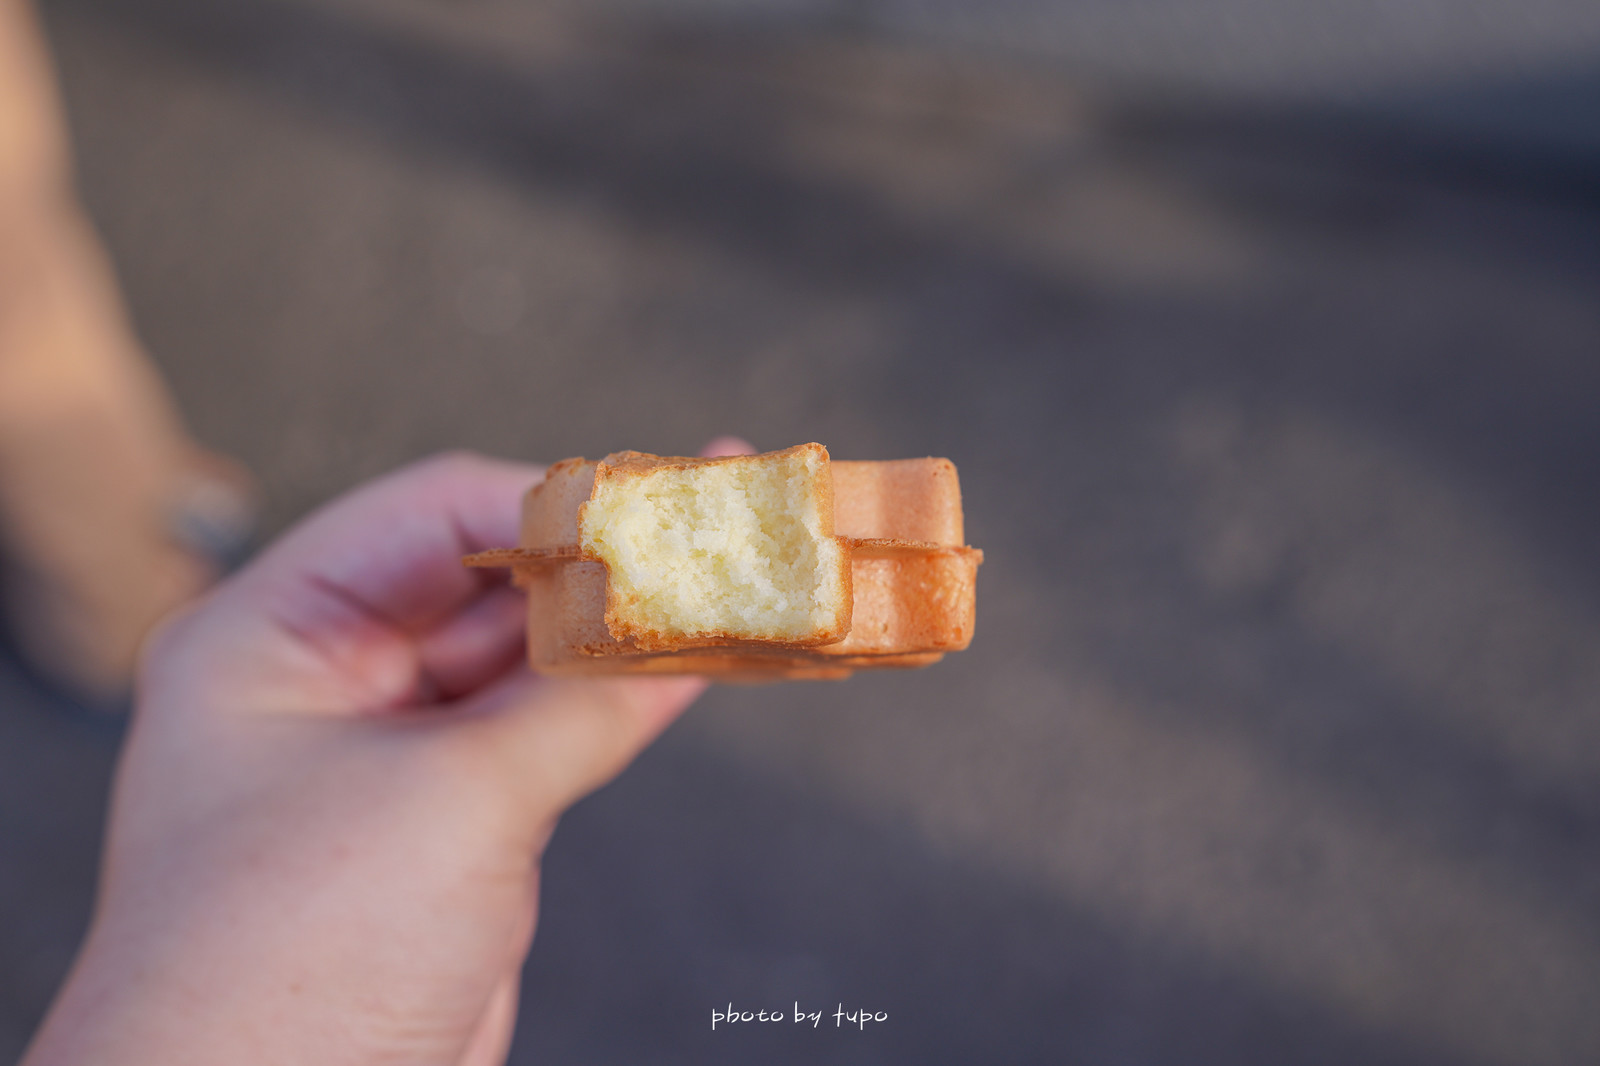 彰化鹿港》福紅脆皮雞蛋糕,只賣三小時!一爐爐細心呵護,翻來翻去只賣20元,外脆內軟綿的雞蛋糕,排隊時老闆還會送一隻